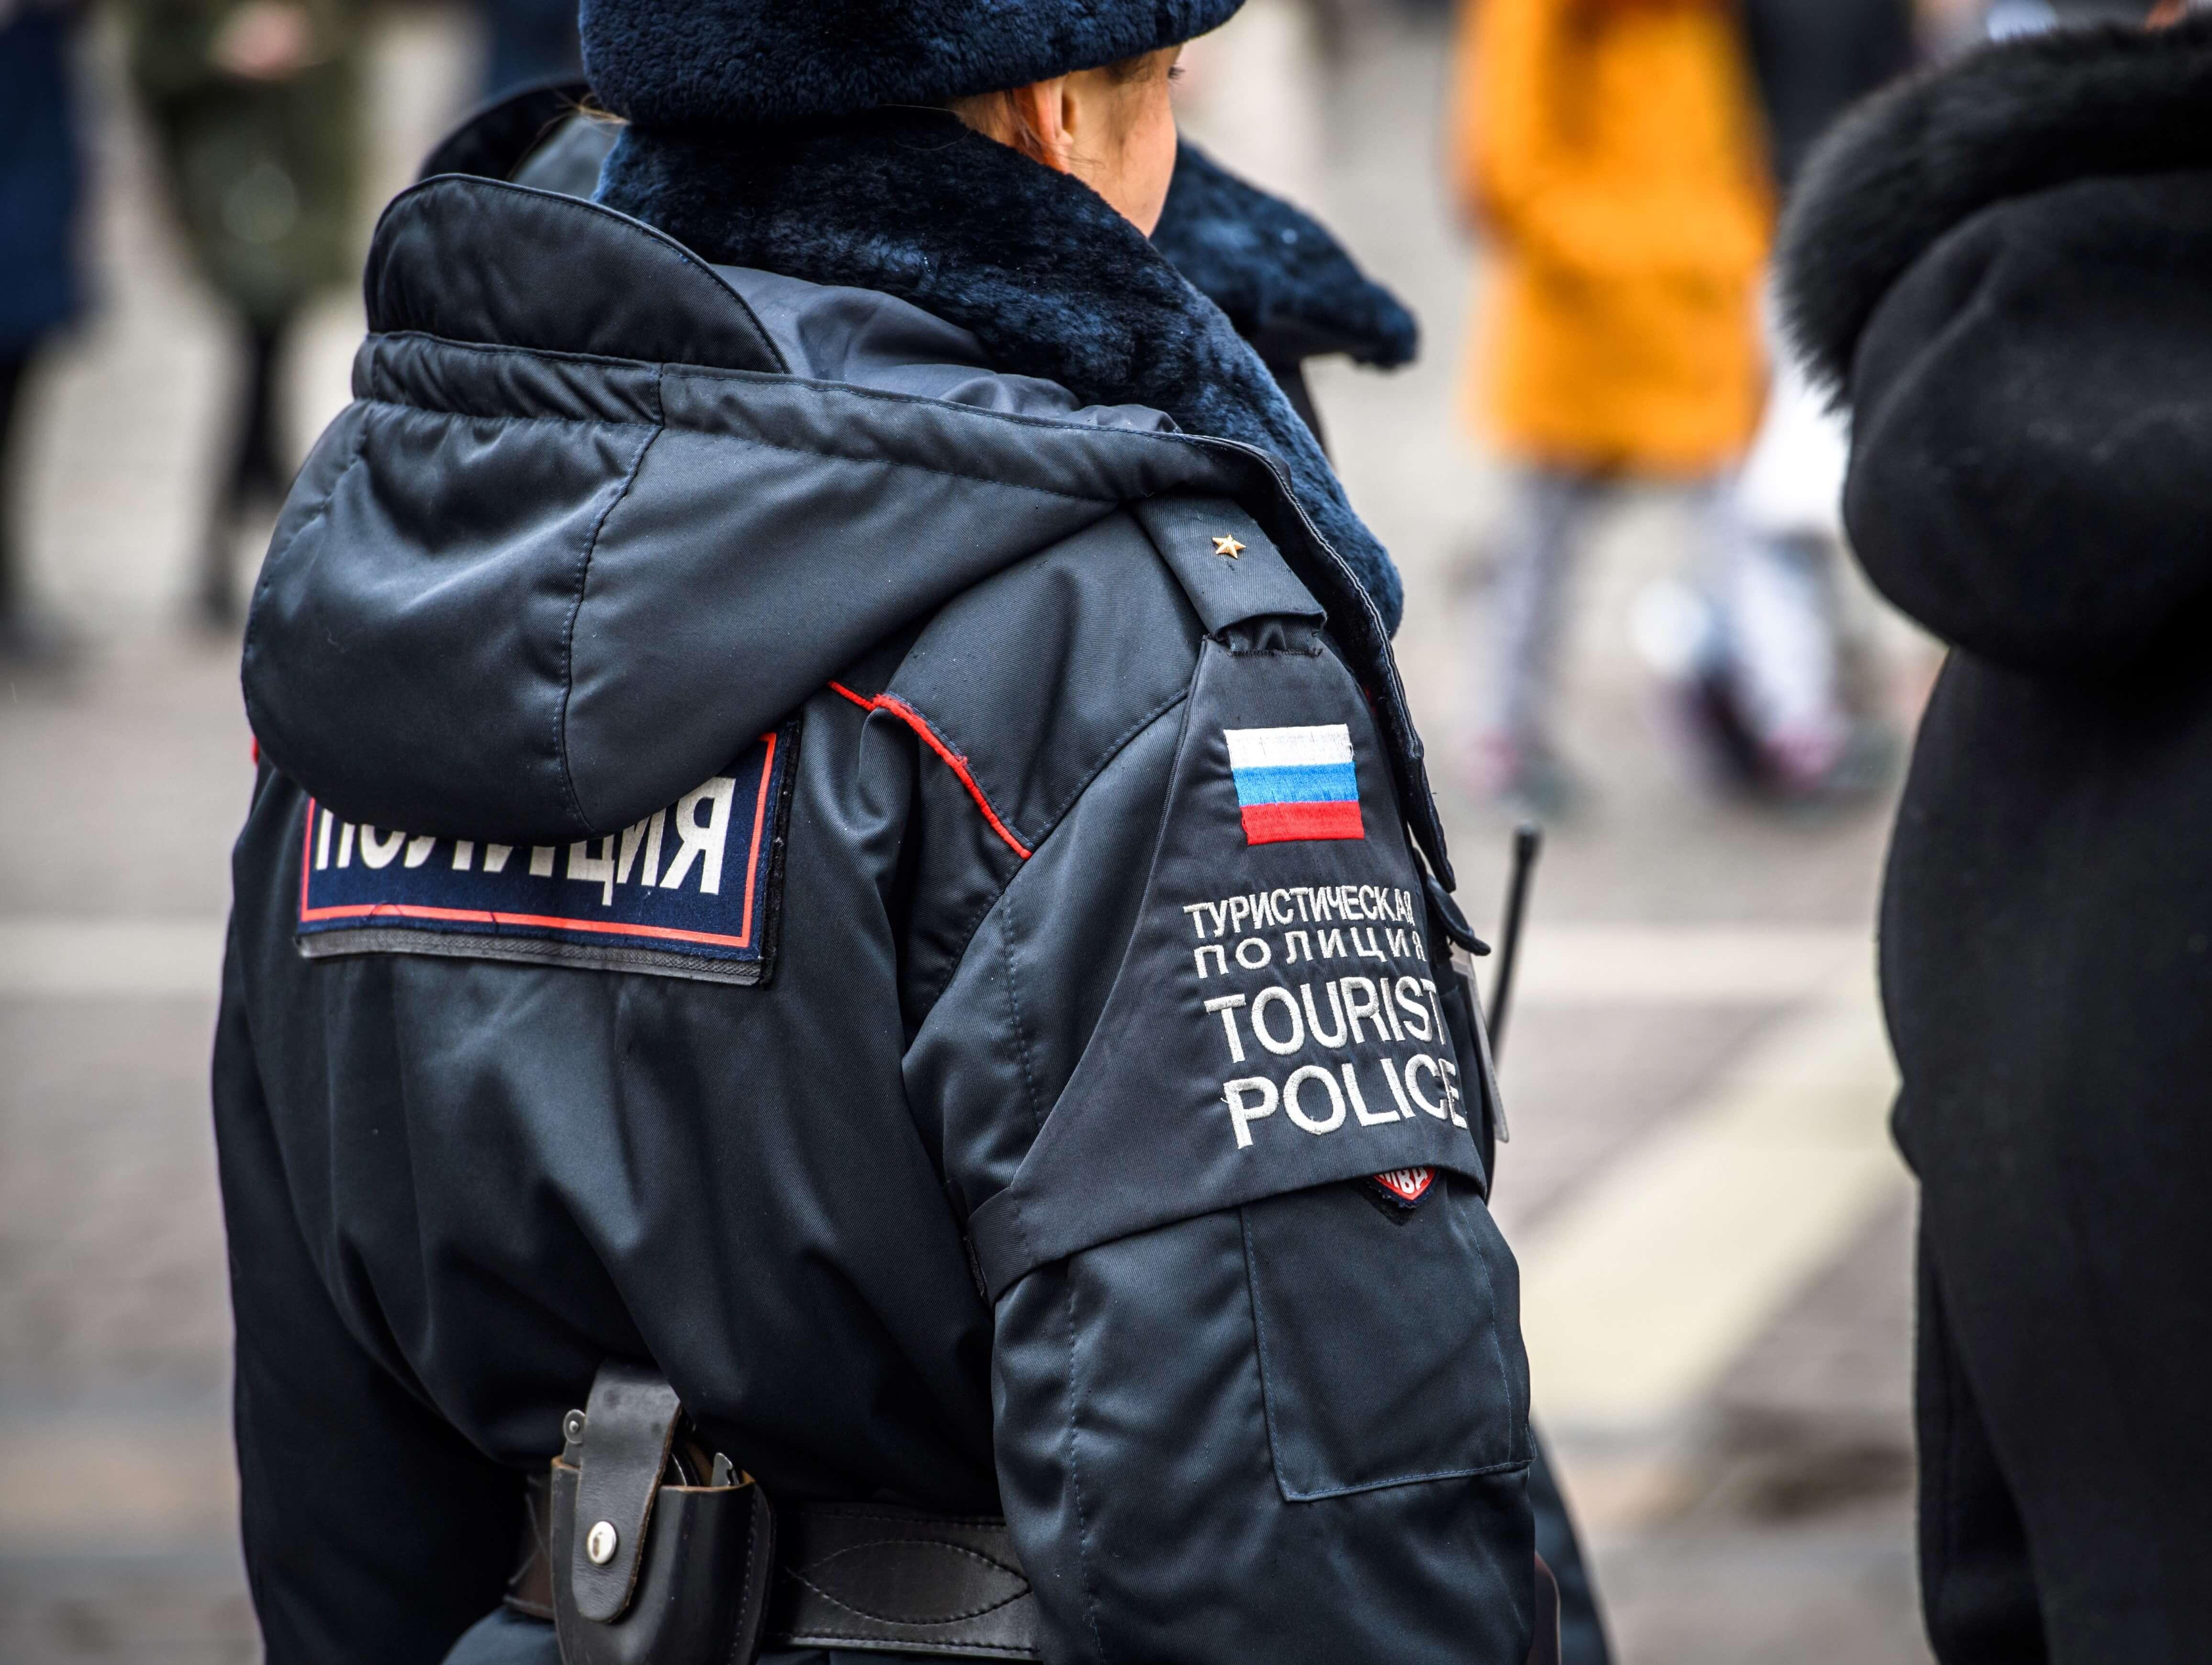 Rússia garante segurança durante a Copa com 'polícia turística'